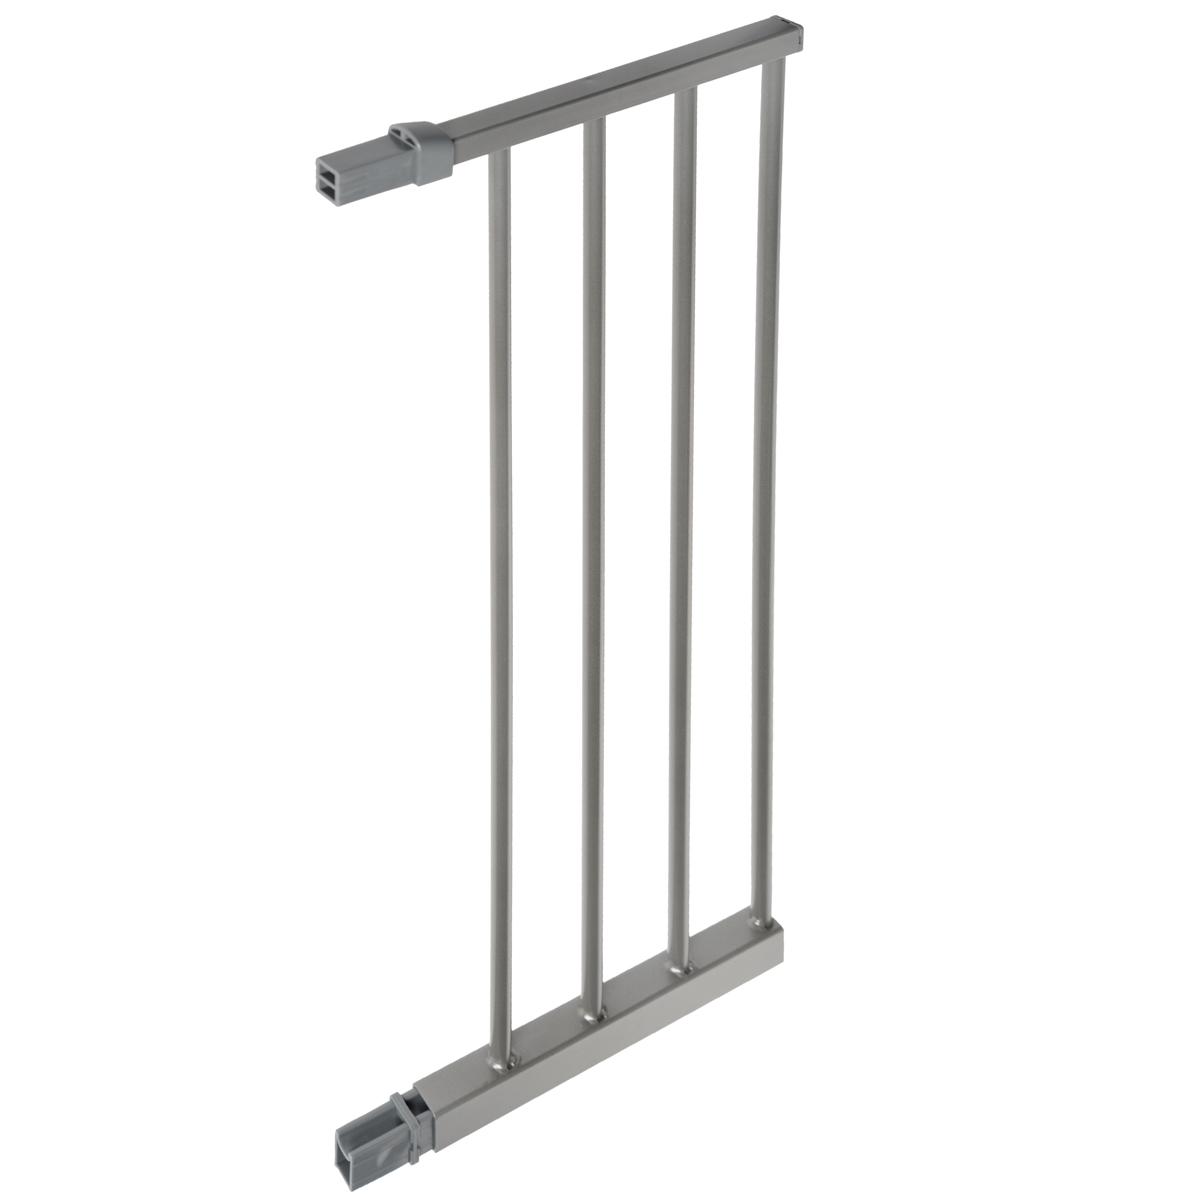 Дополнительная секция к защитным воротам Lindam Sure Shut, цвет: серебристый, 28 см ворота lindam